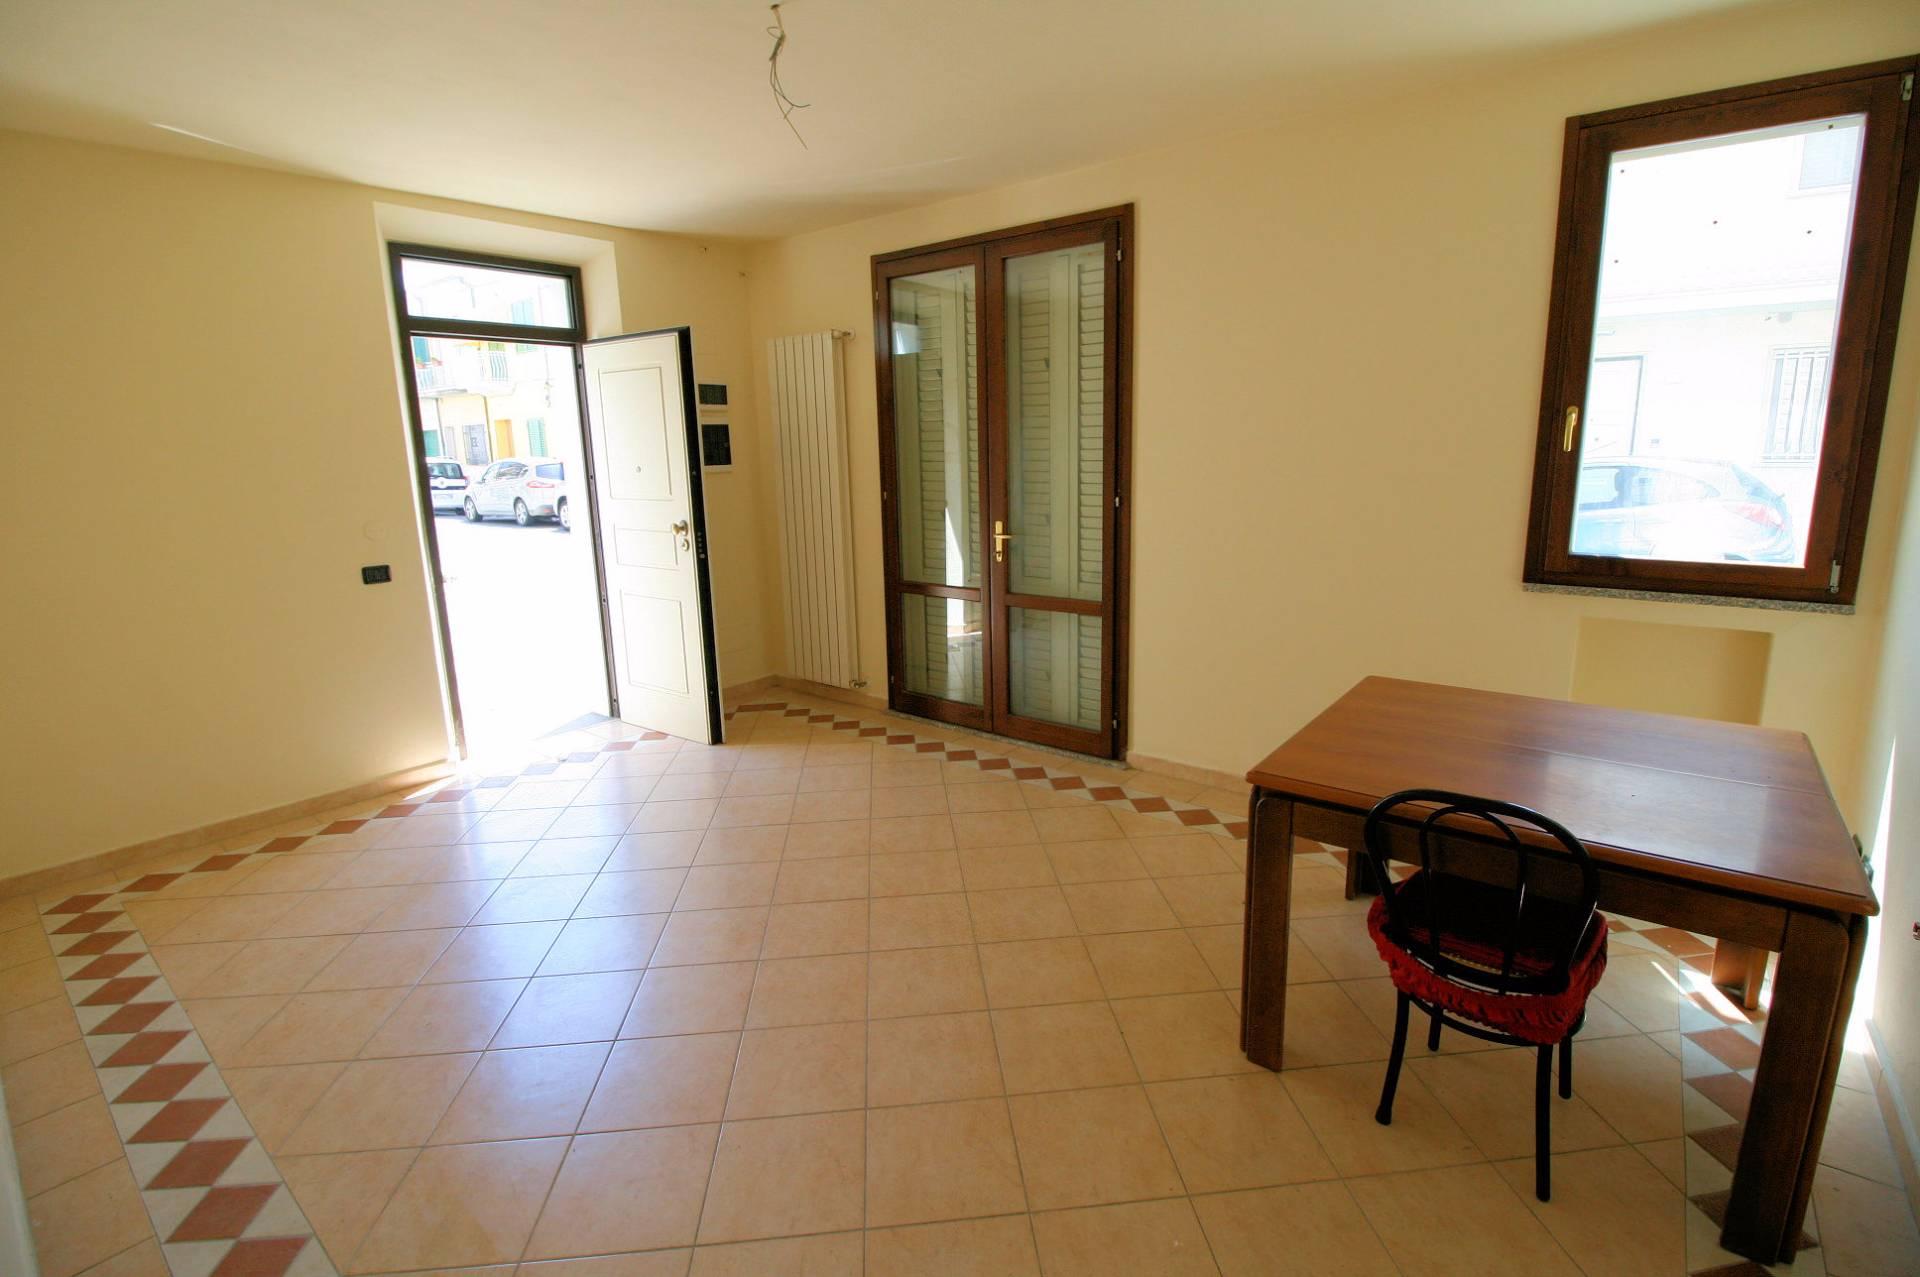 Appartamento in vendita a Viareggio, 4 locali, prezzo € 290.000 | Cambio Casa.it